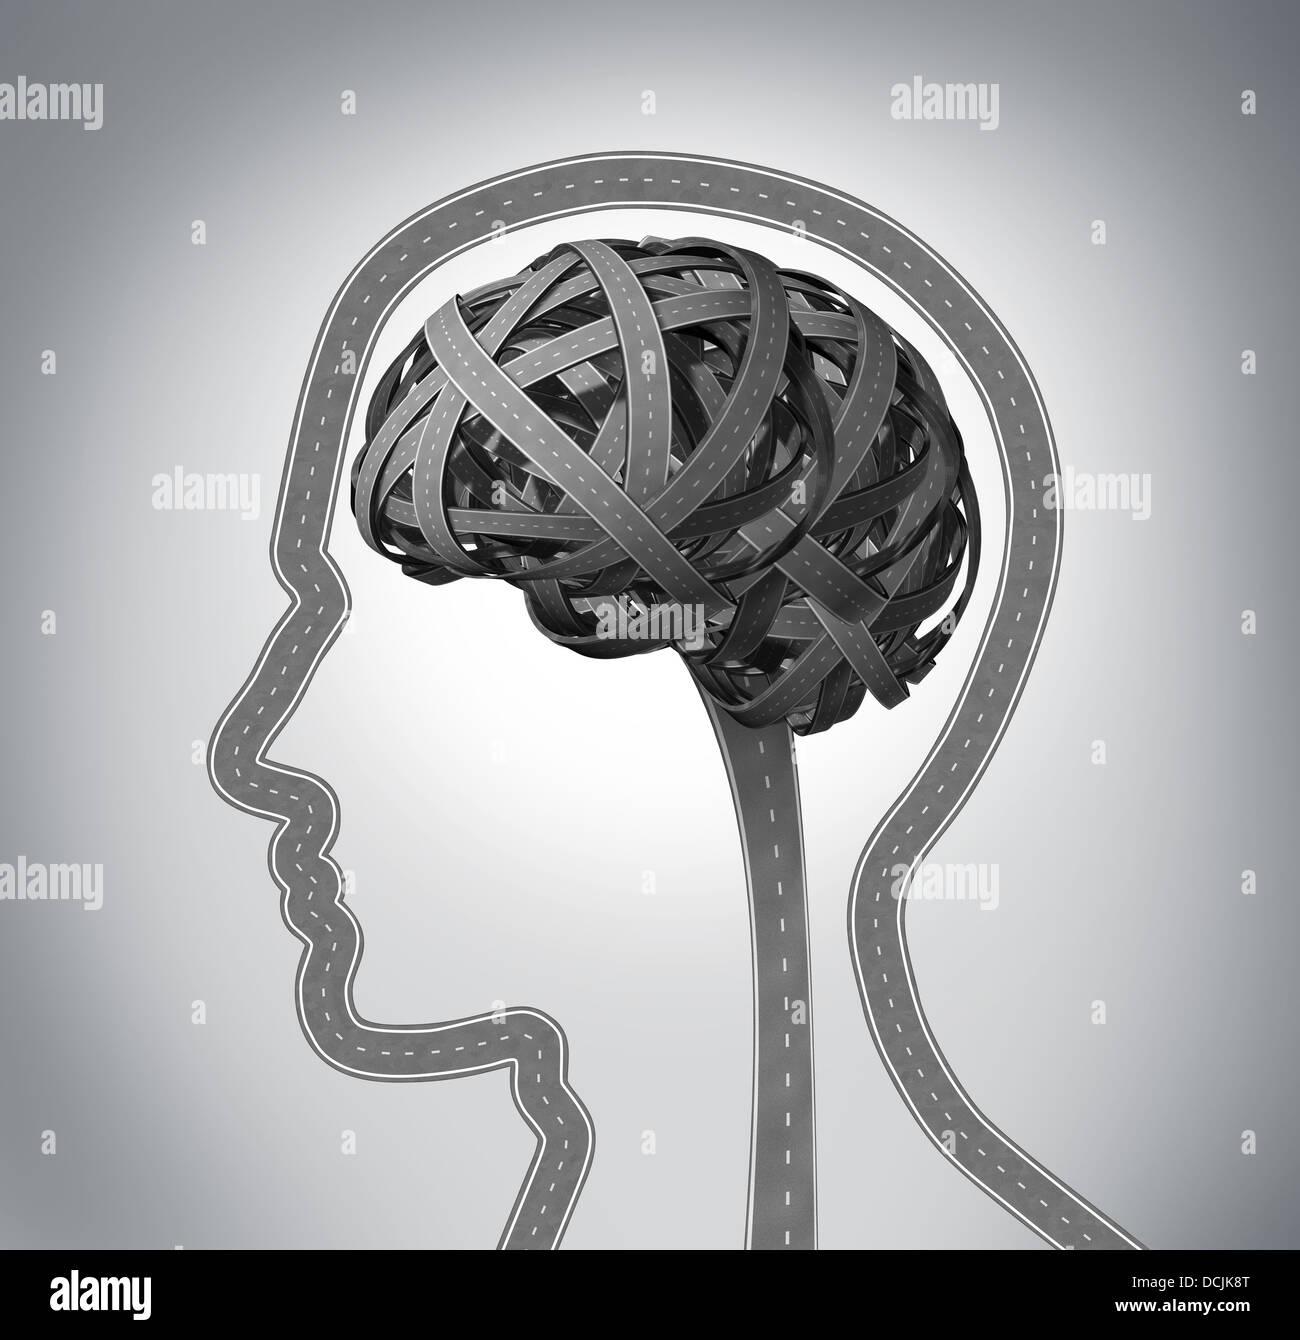 Menschliche Führung und Gedächtnisverlust aufgrund von Demenz und ...